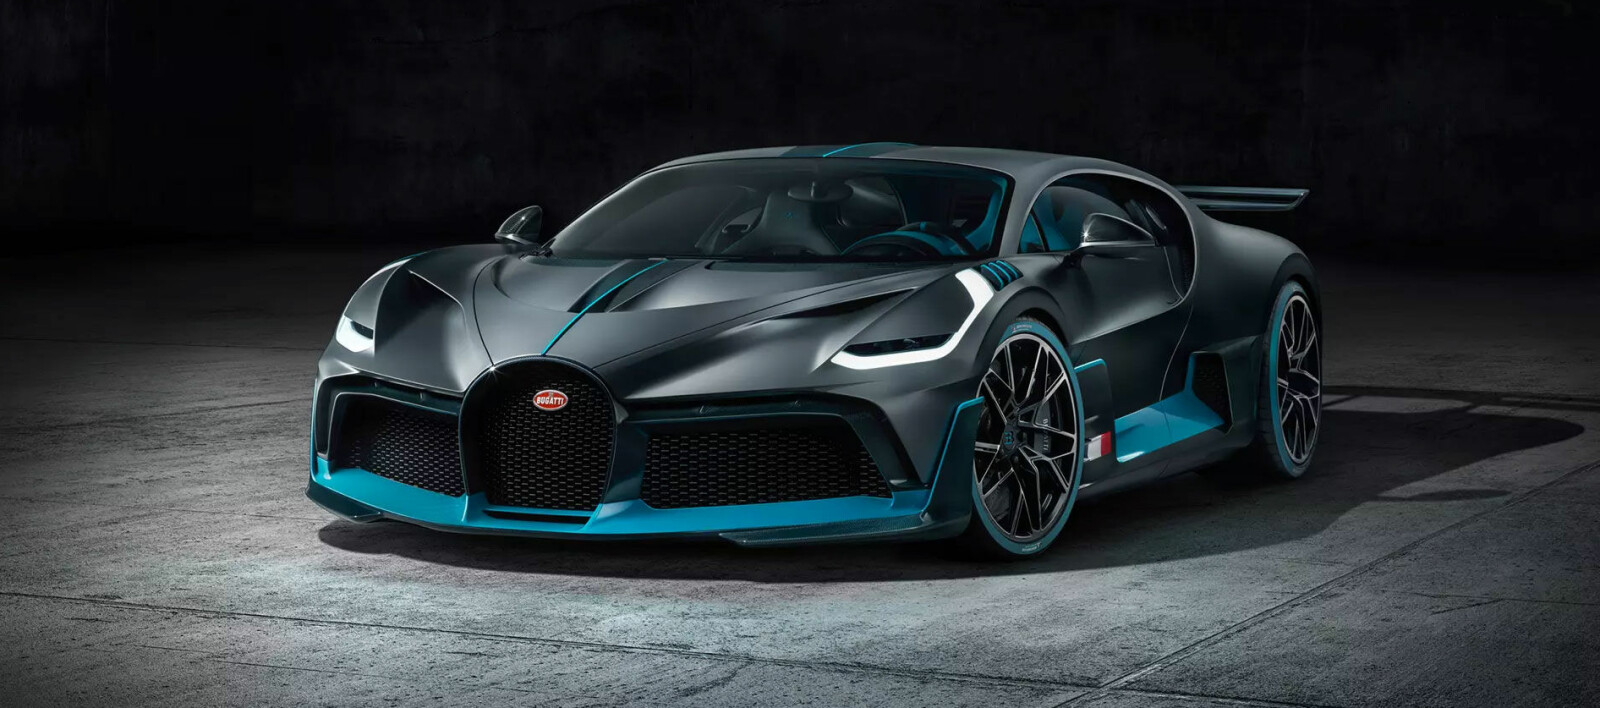 Her er Bugatti Divo. Pris: 50 millioner kroner - Motor